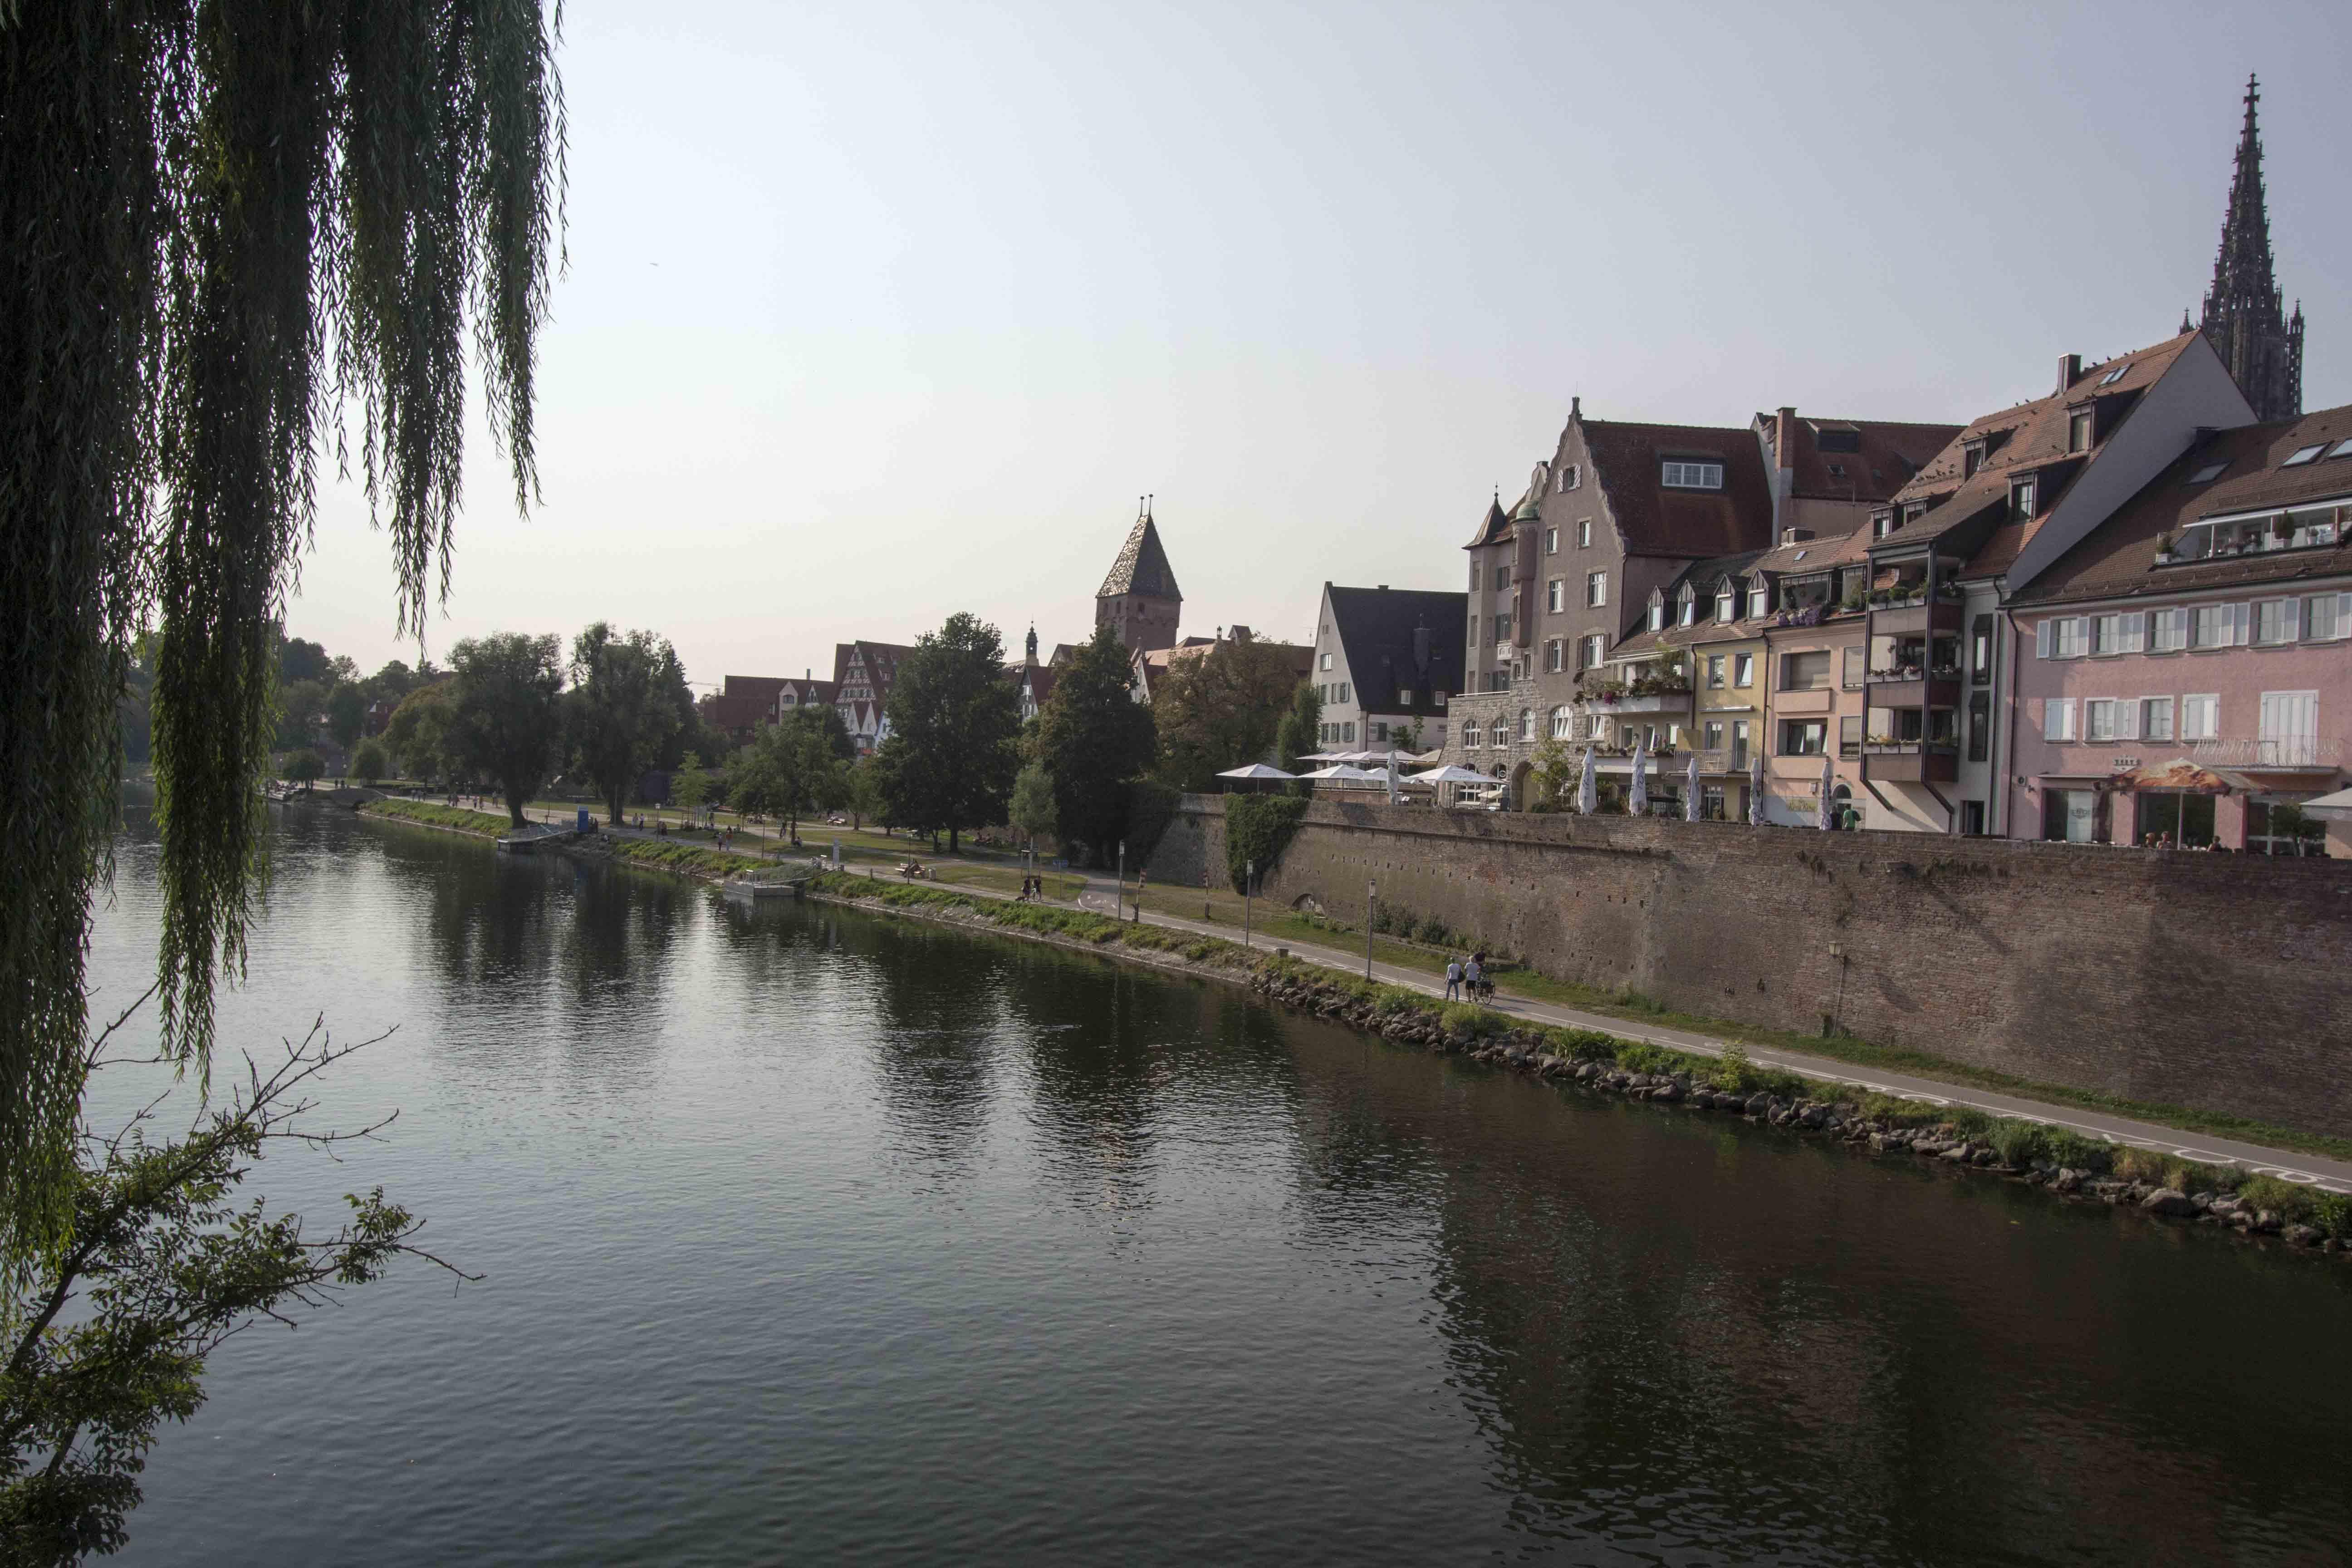 Donau_1